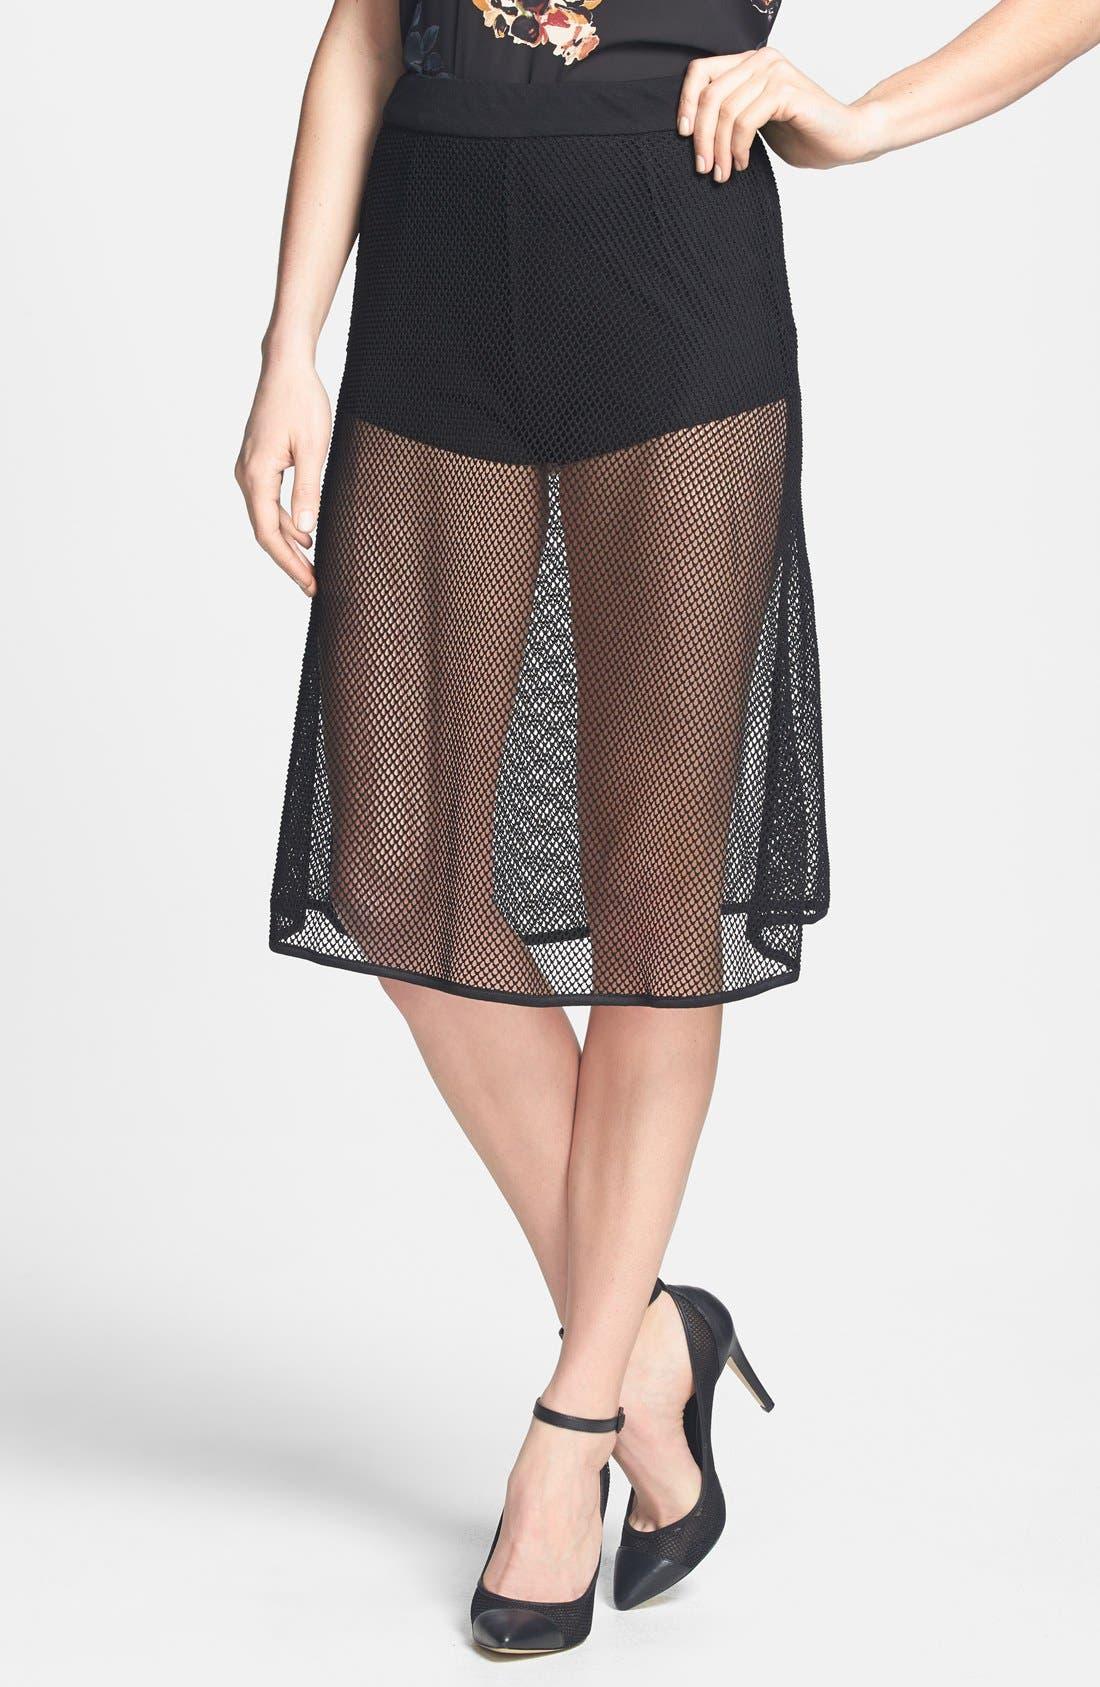 Alternate Image 1 Selected - Dirty Ballerina Mesh A-Line Skirt